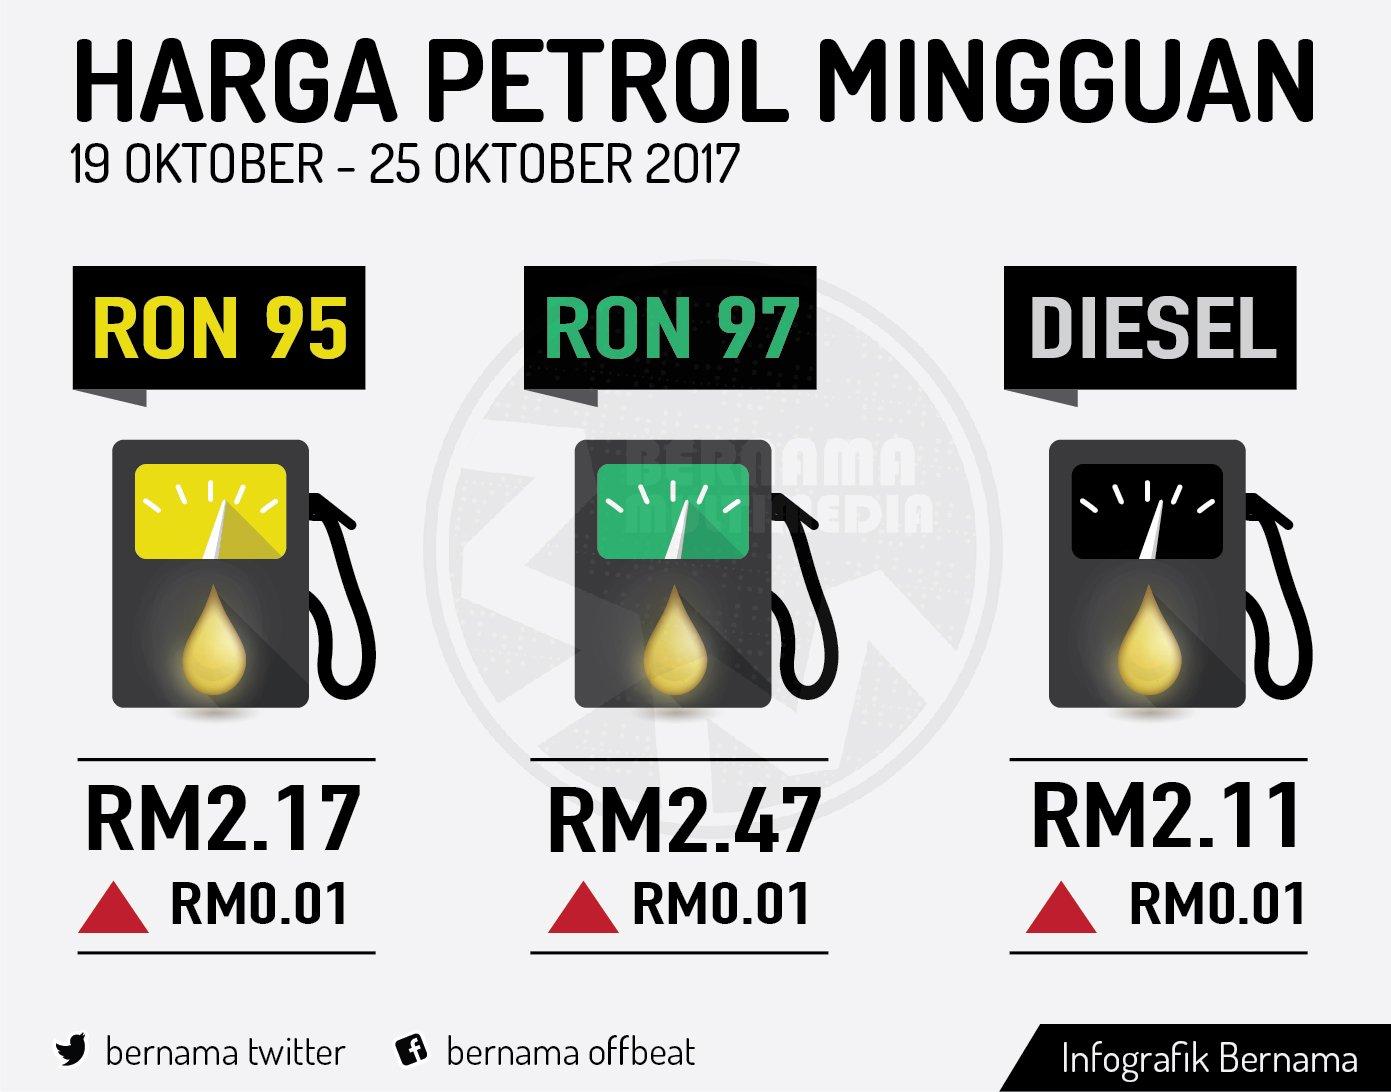 Harga Runcit Produk Petroleum 19 Oktober Hingga 25 Oktober